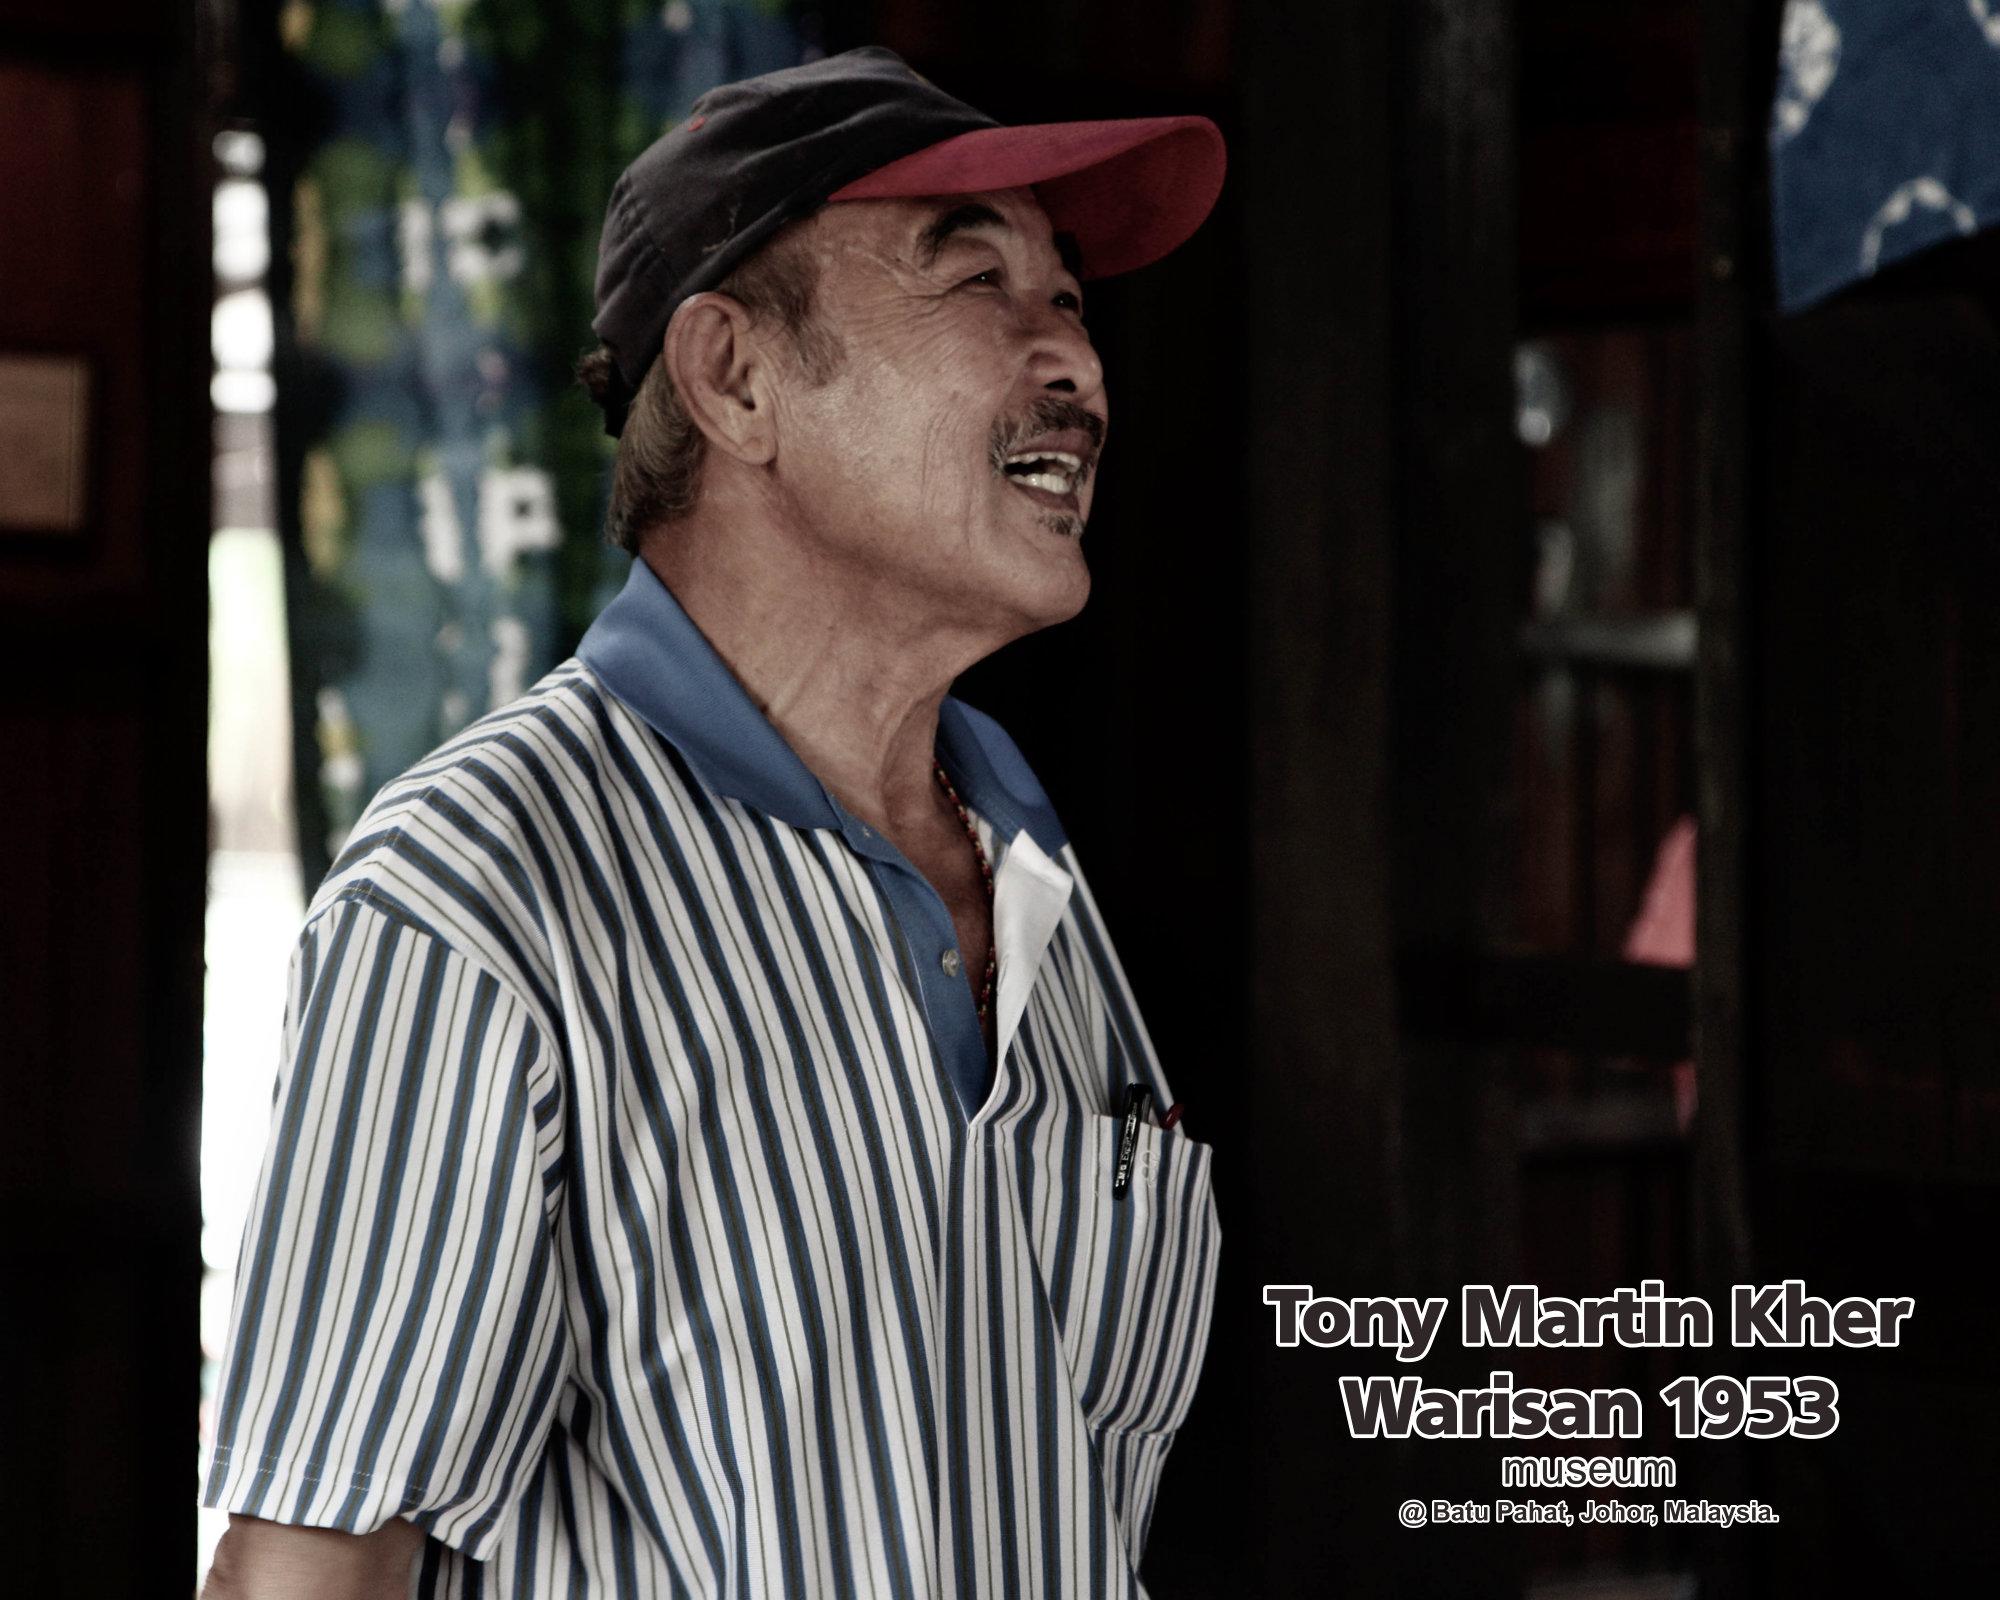 Tony Martin Kher founder of Warisan 1953 Museum at Batu Pahat Johor Malaysia Heritage 1953 Artist Joey Kher A30